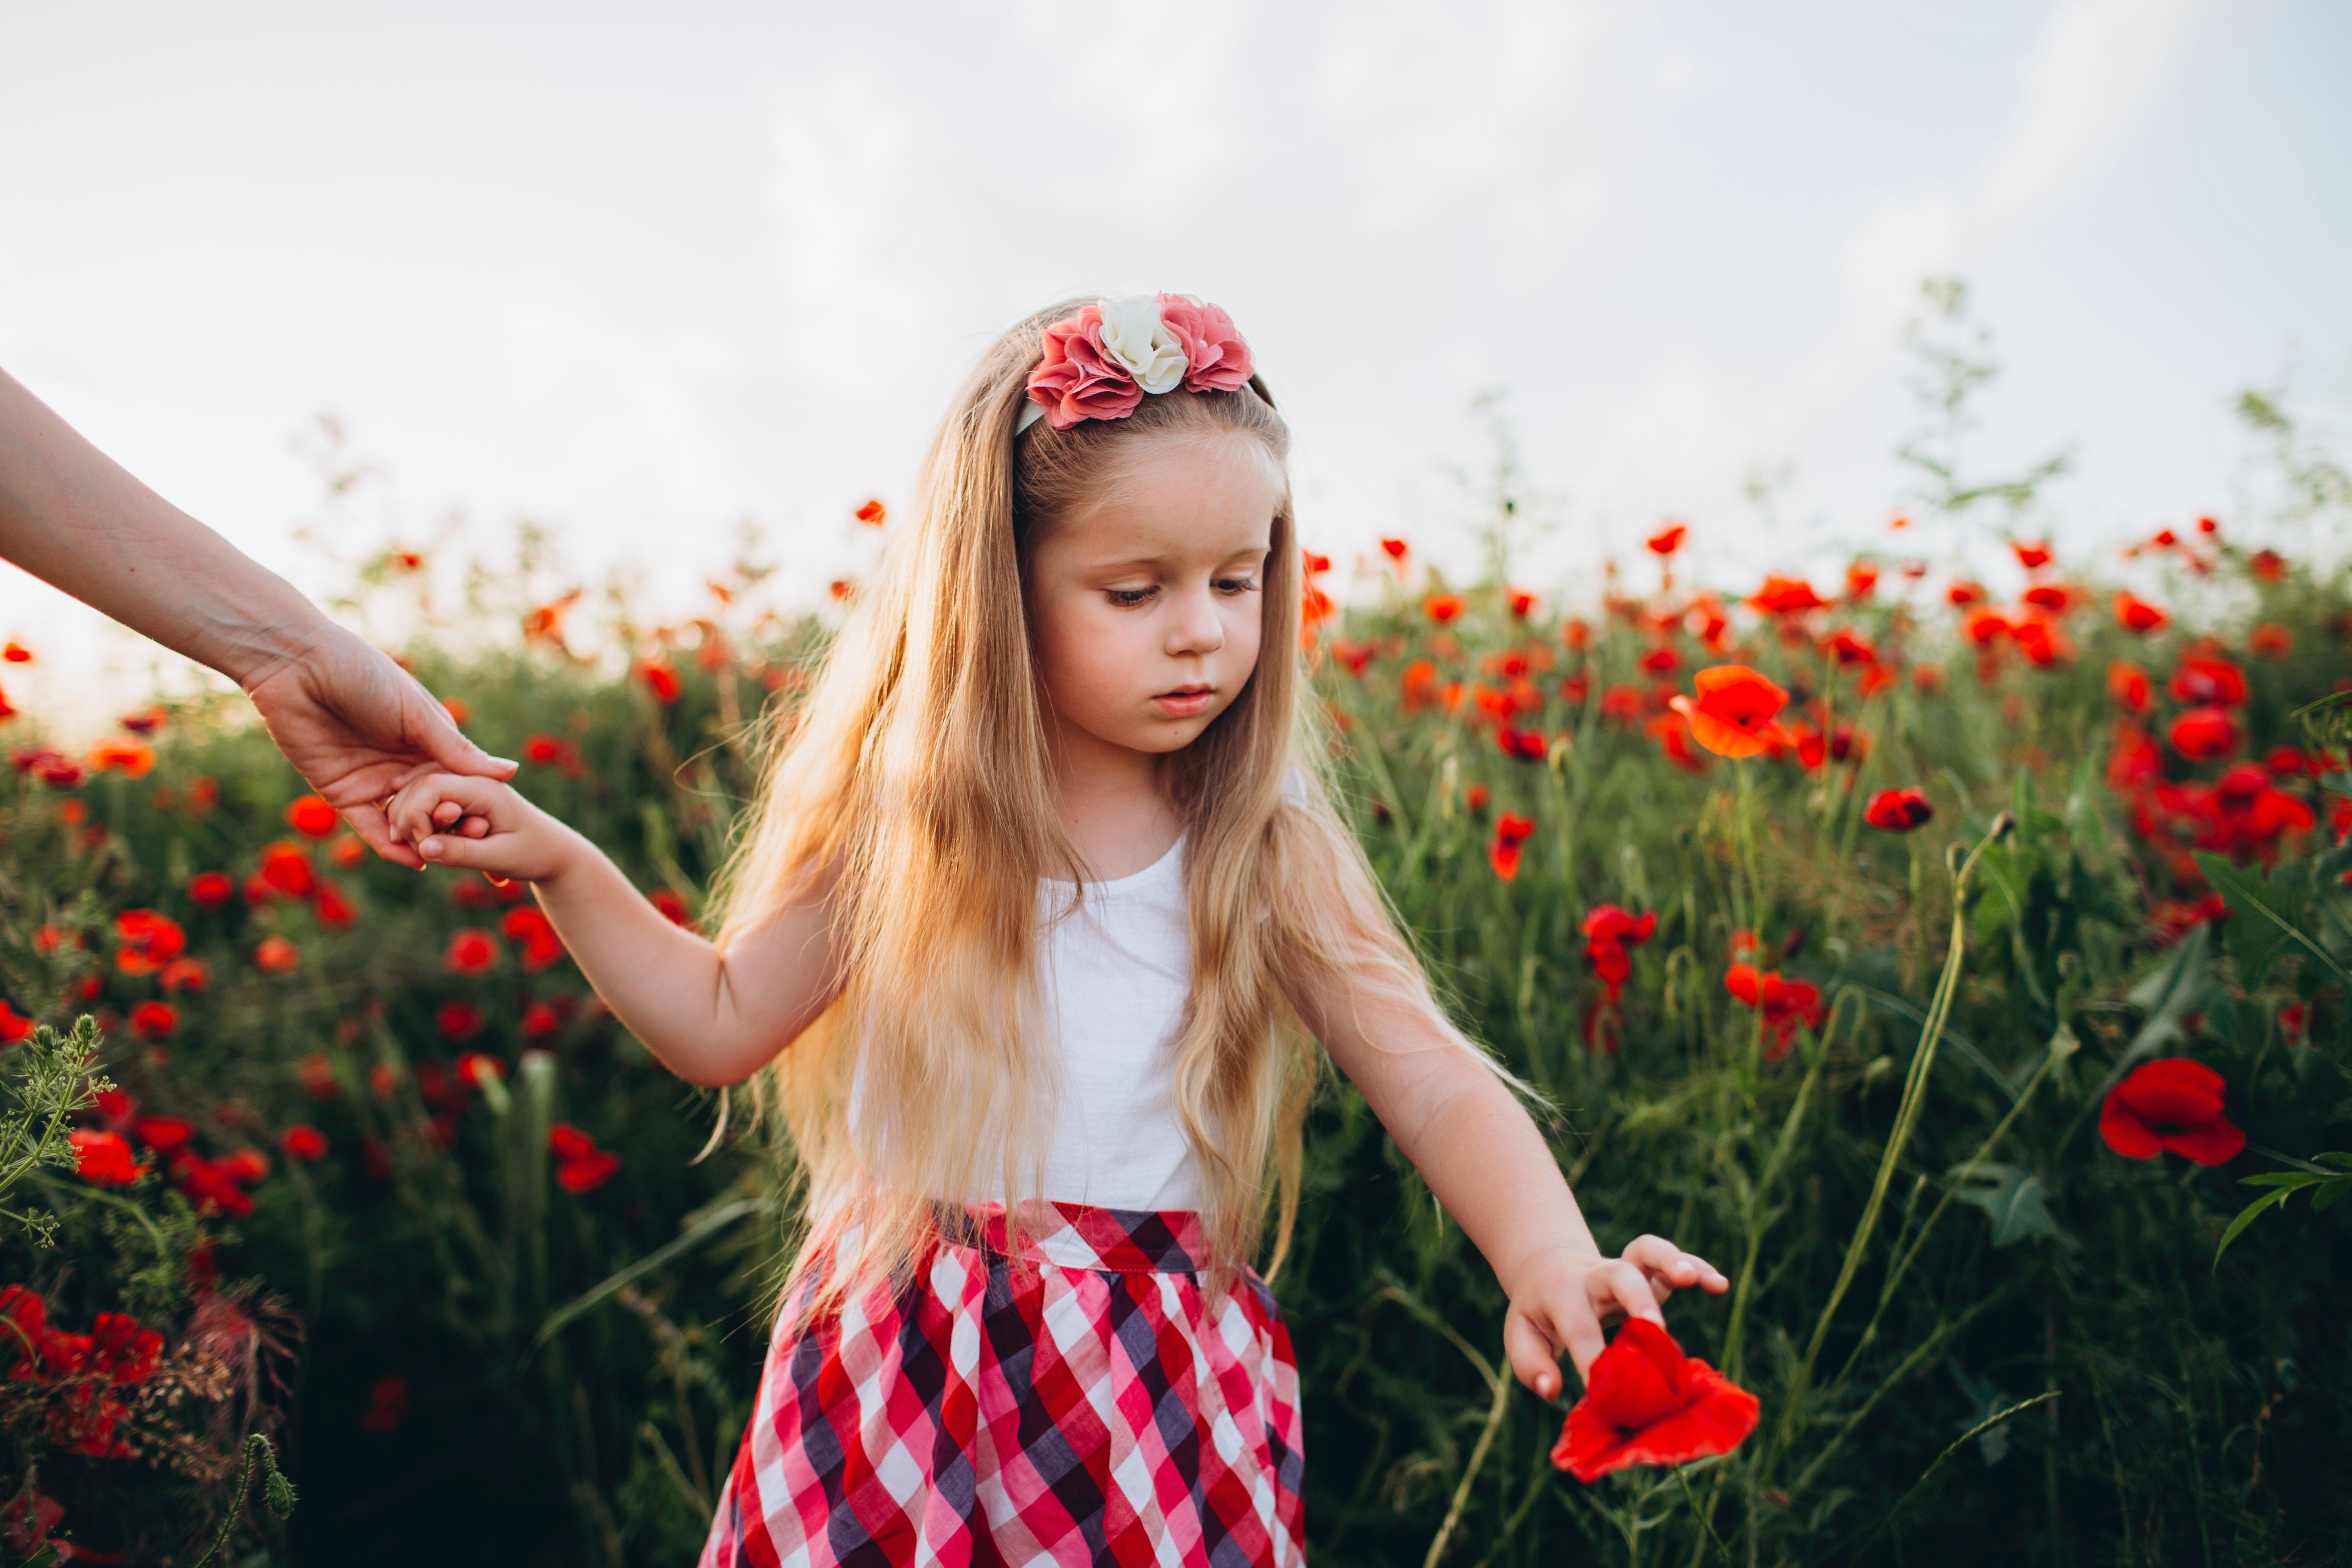 Erdődi-Juhász Ágnes: A gyerek